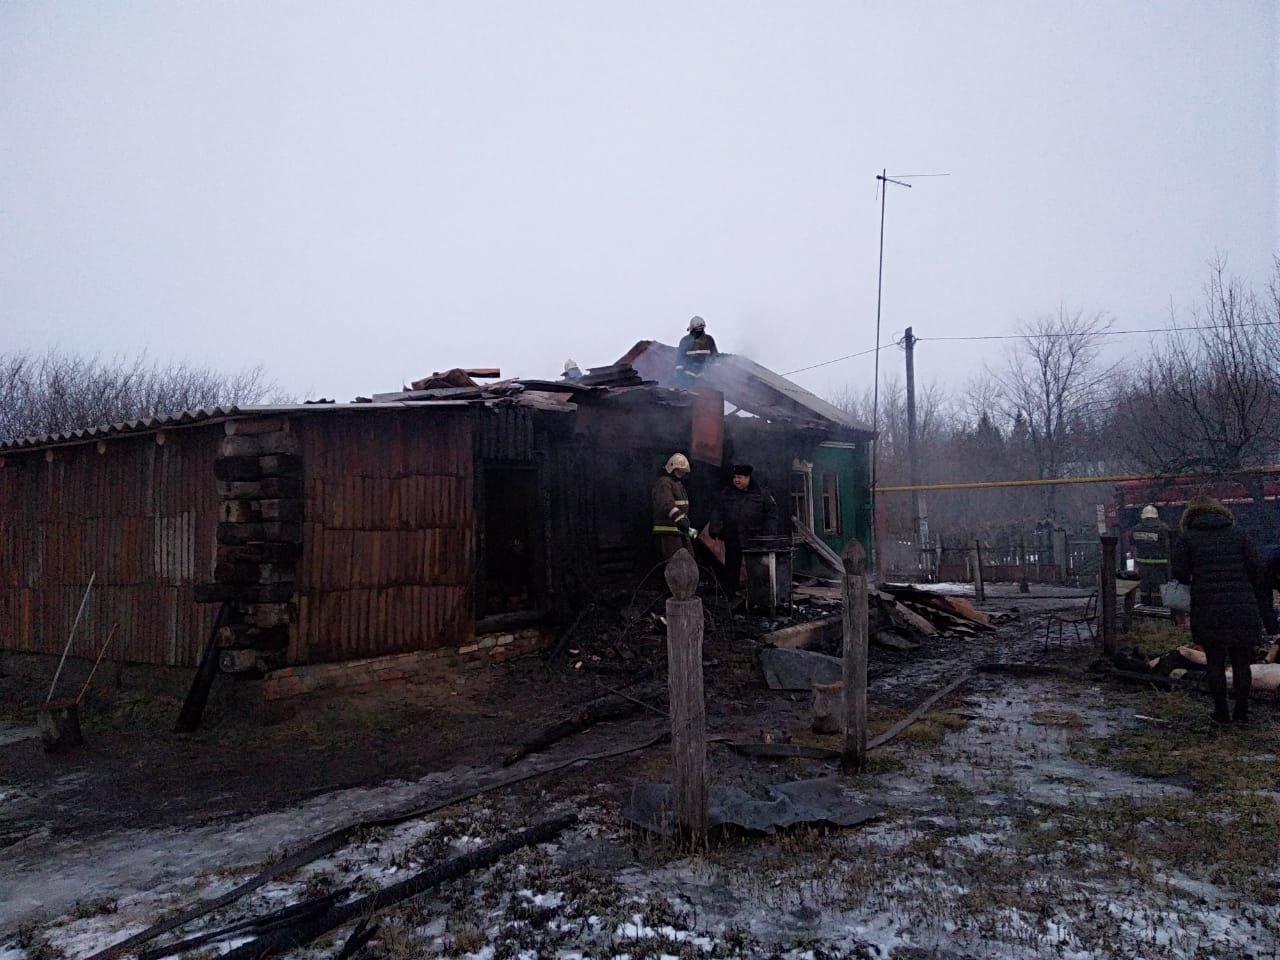 В Тамбовской области сгорел жилой дом: под завалами обнаружили тела двух человек, фото-1